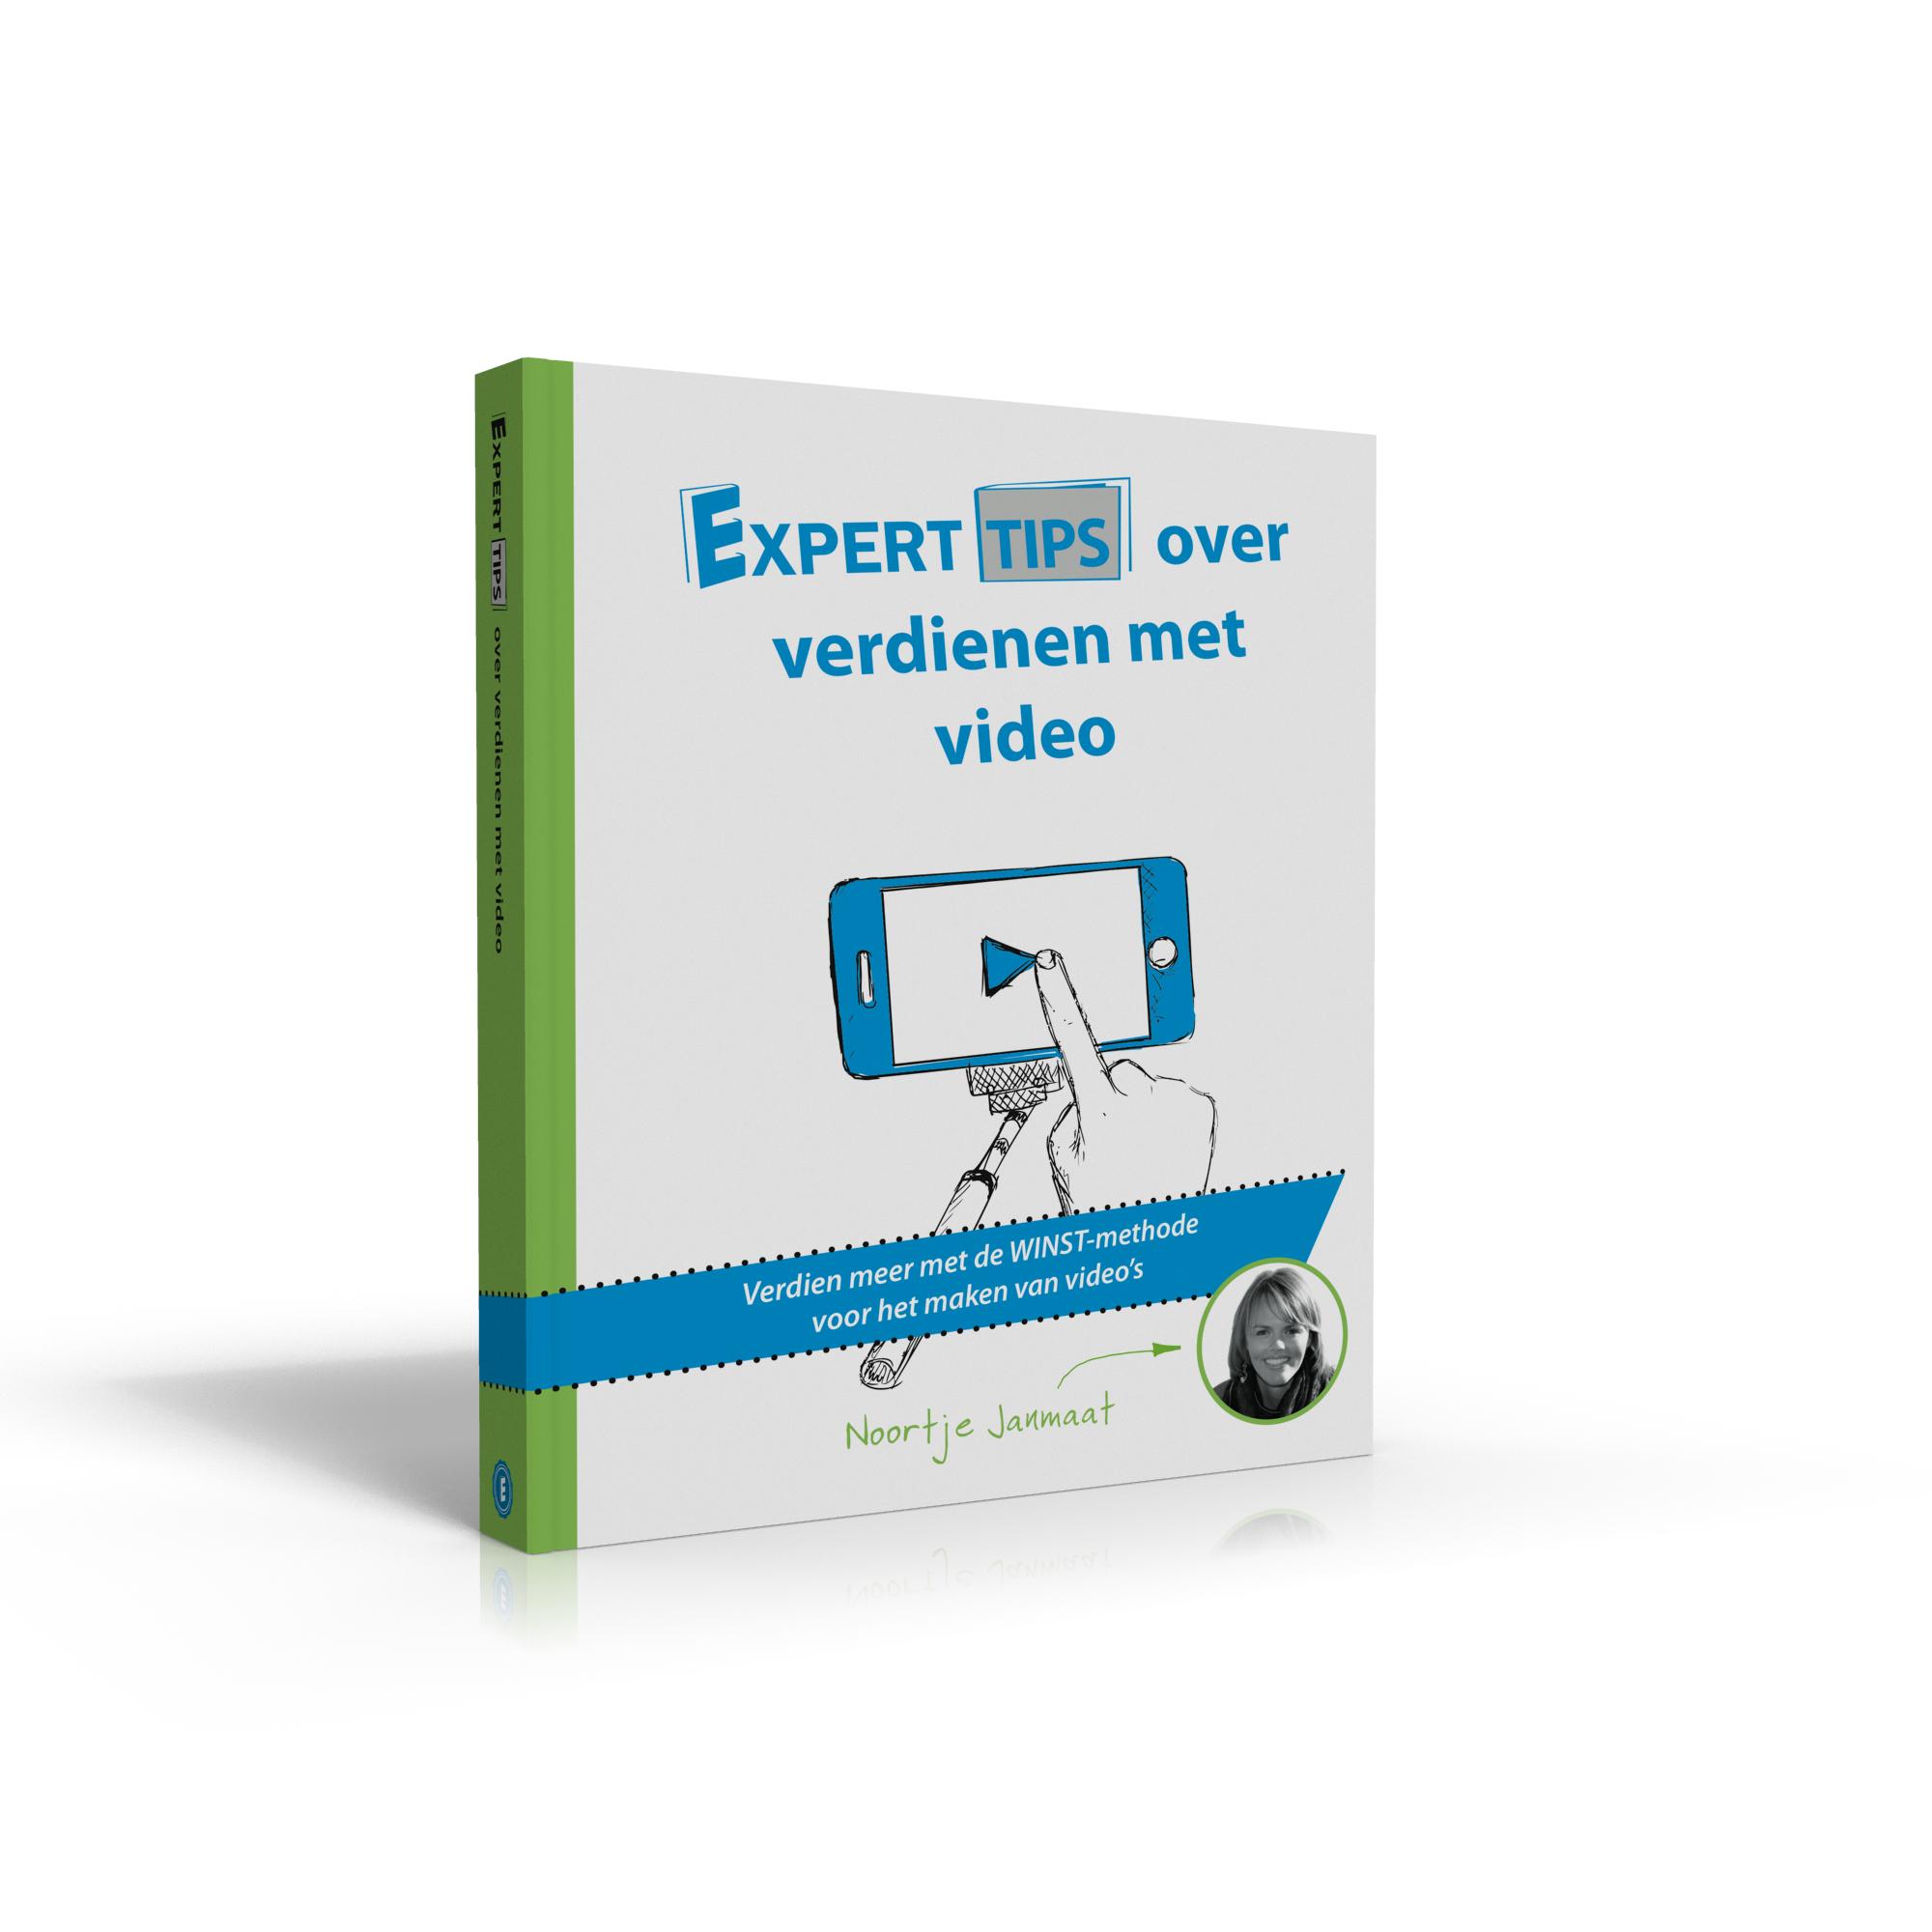 Experttips over Verdienen met video door Noortje Janmaat